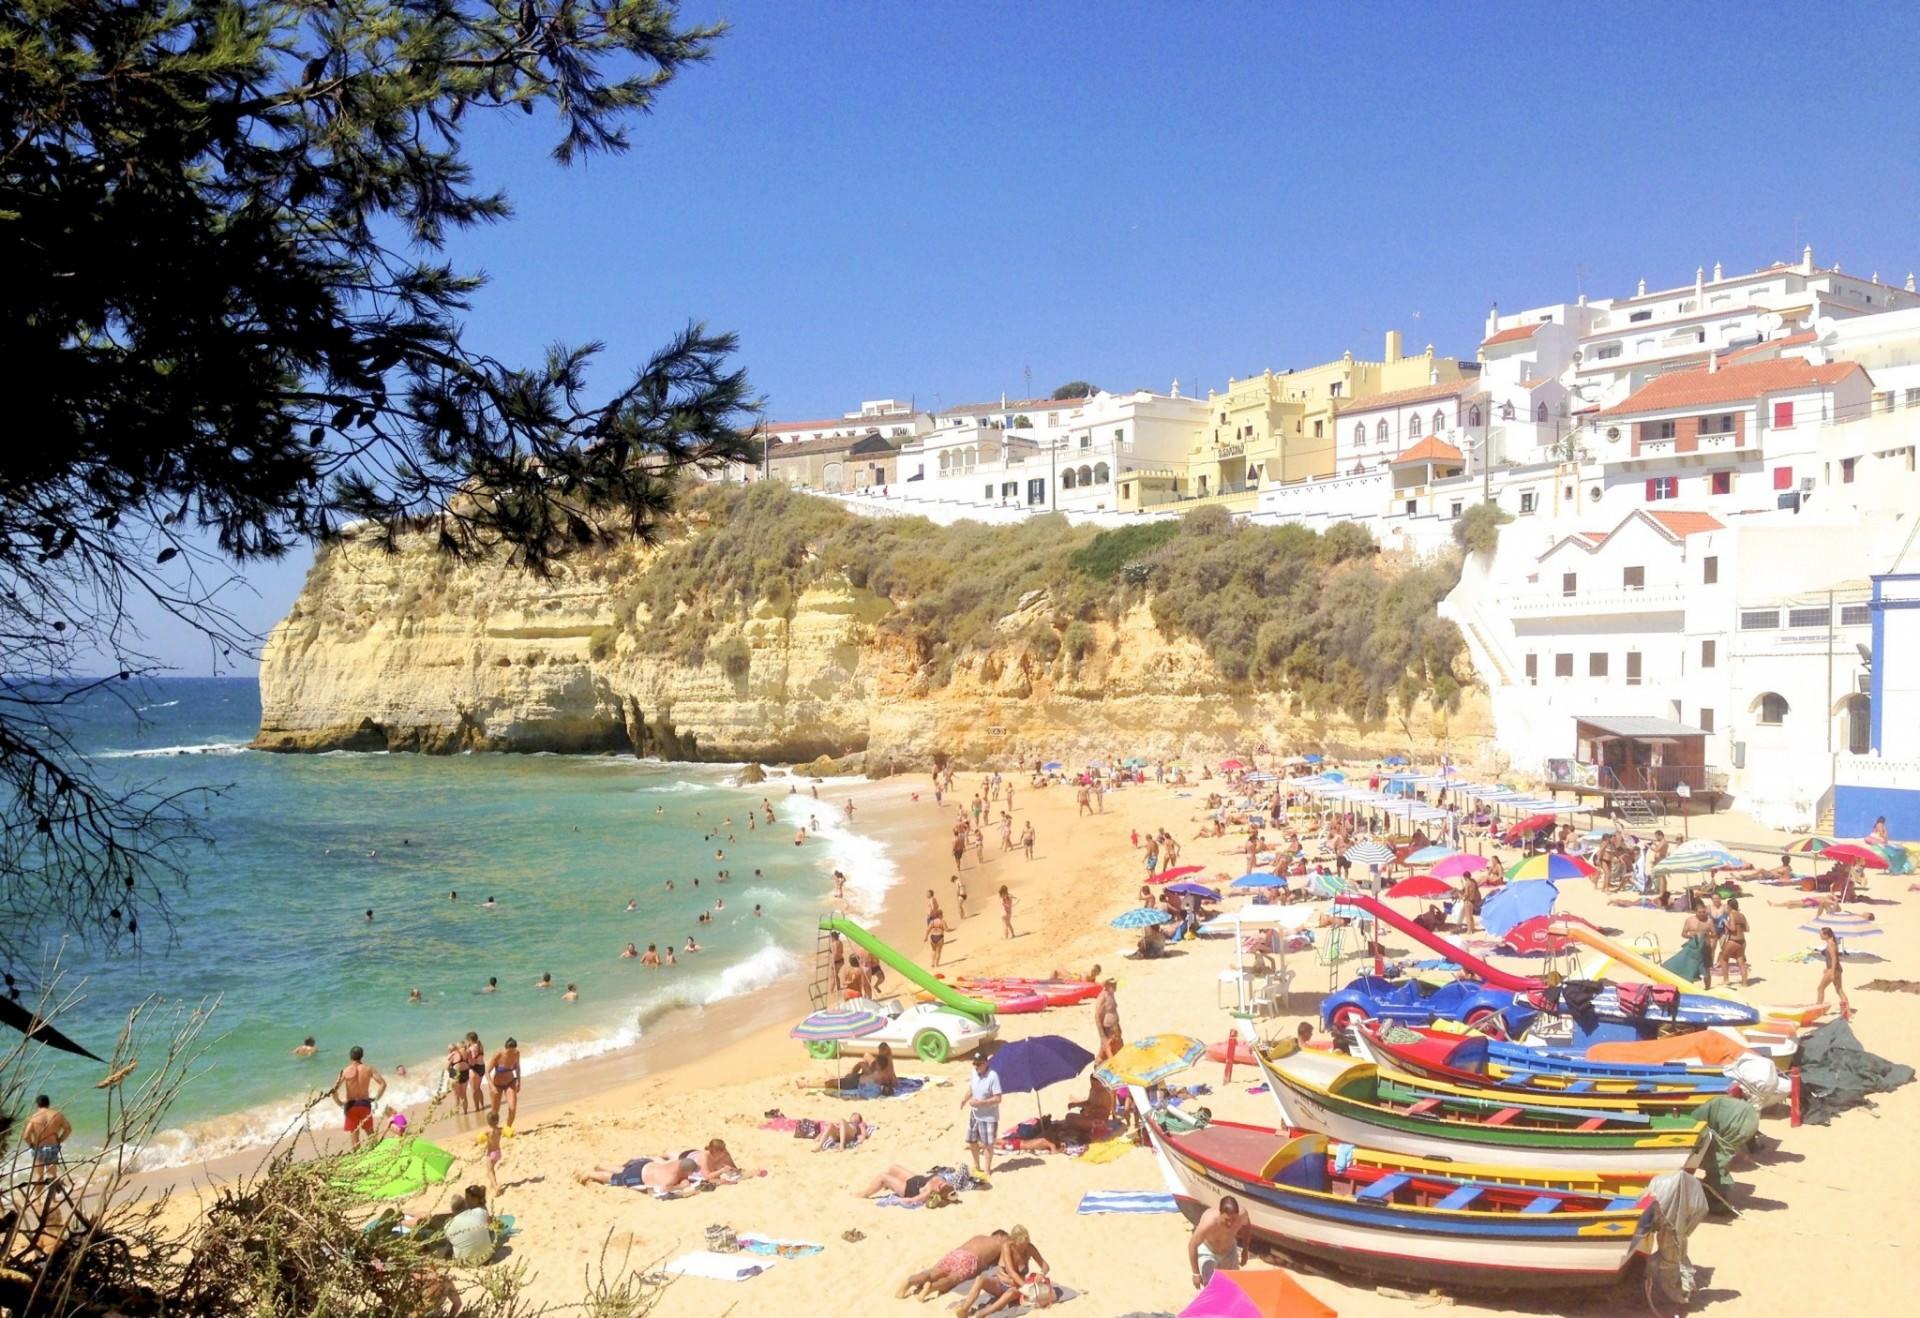 Three Bedrooms Algarve ・ Praia Da Luz Holidays